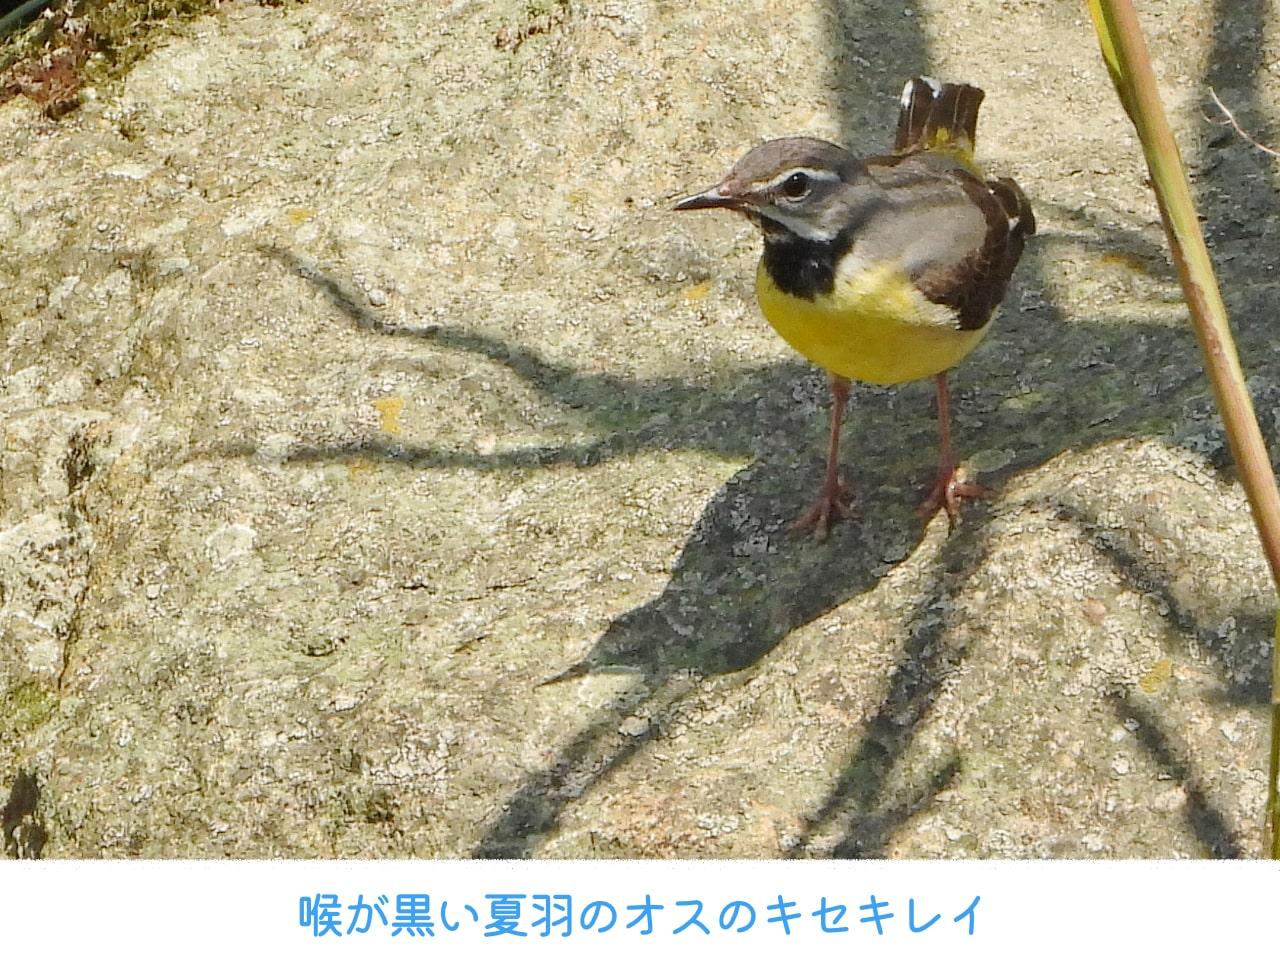 夏羽のオスのキセキレイの画像